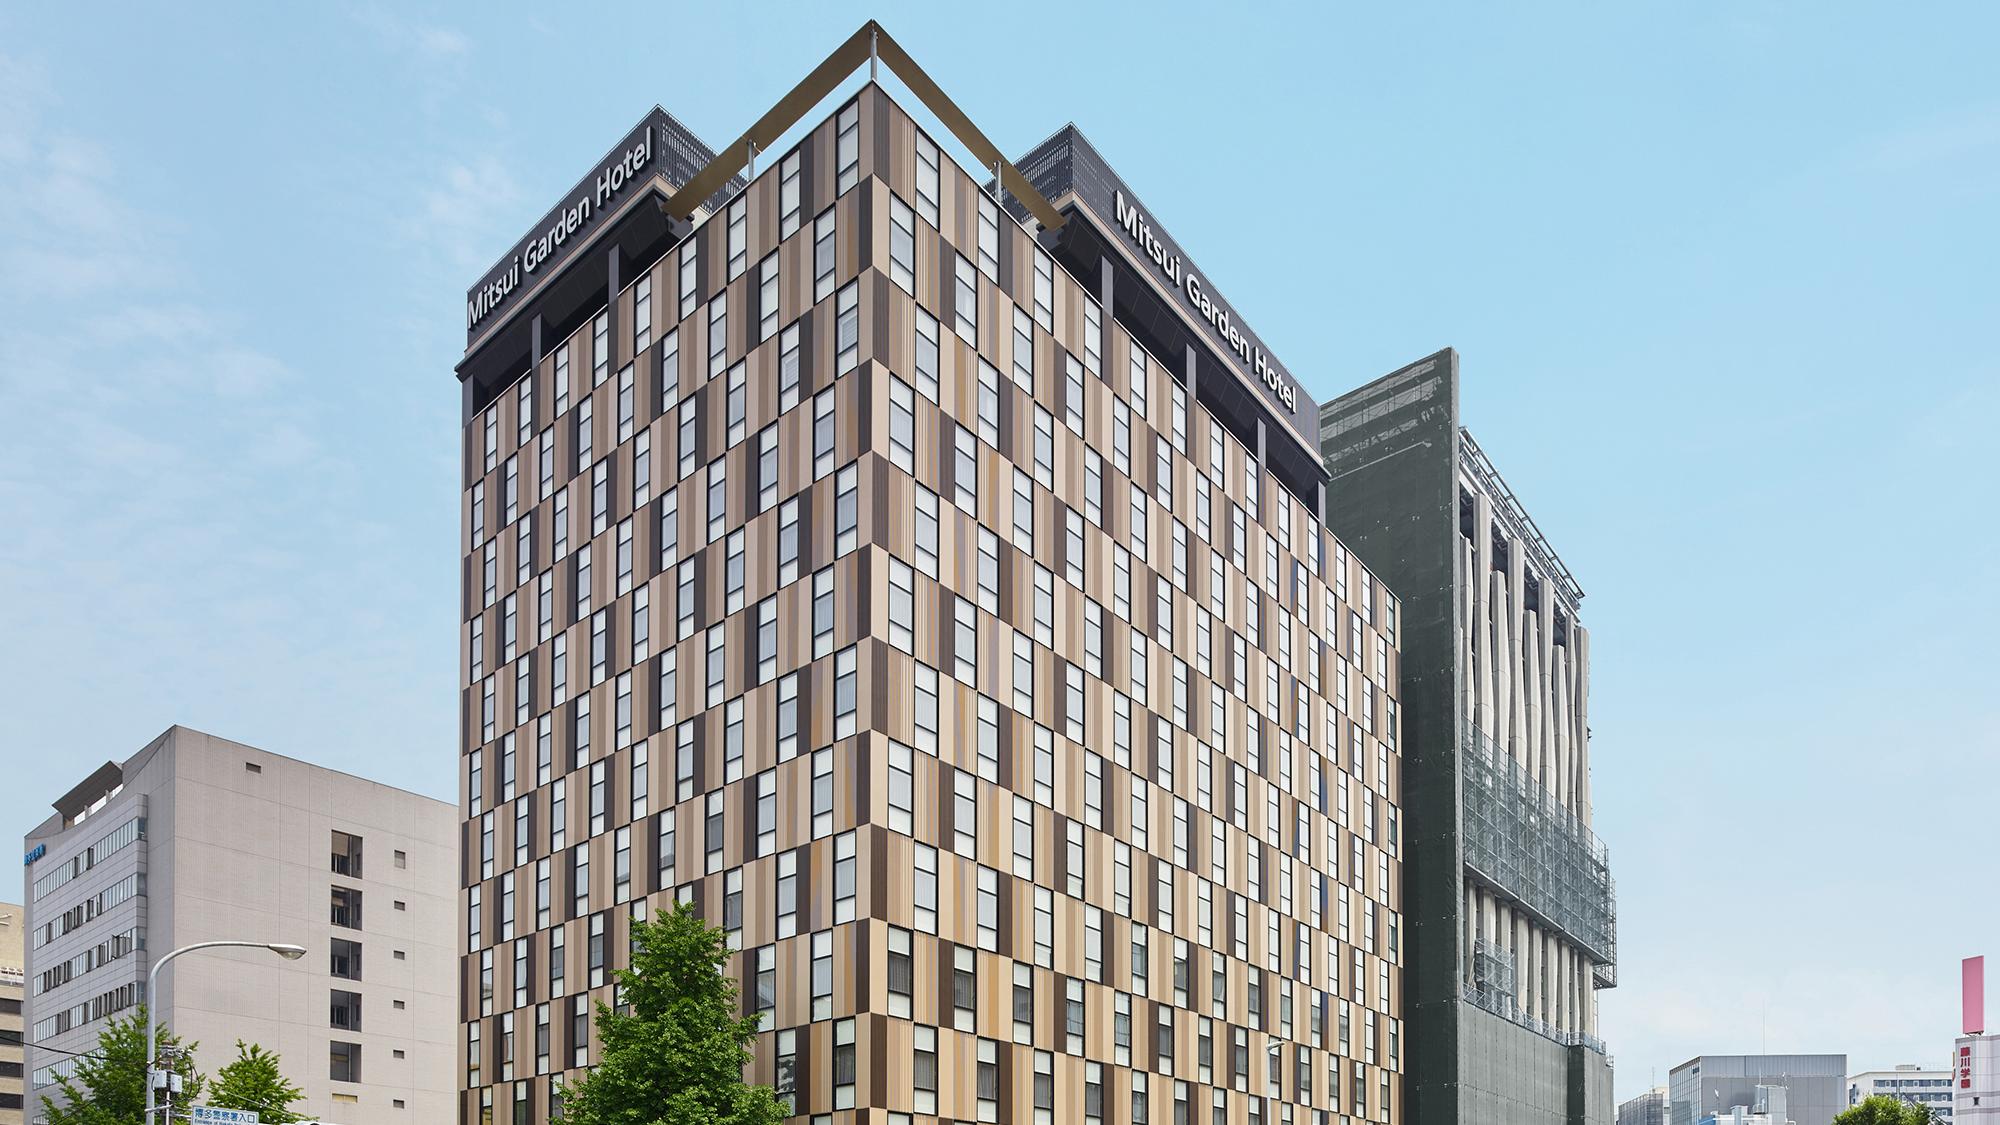 三井ガーデンホテル福岡祇園 image